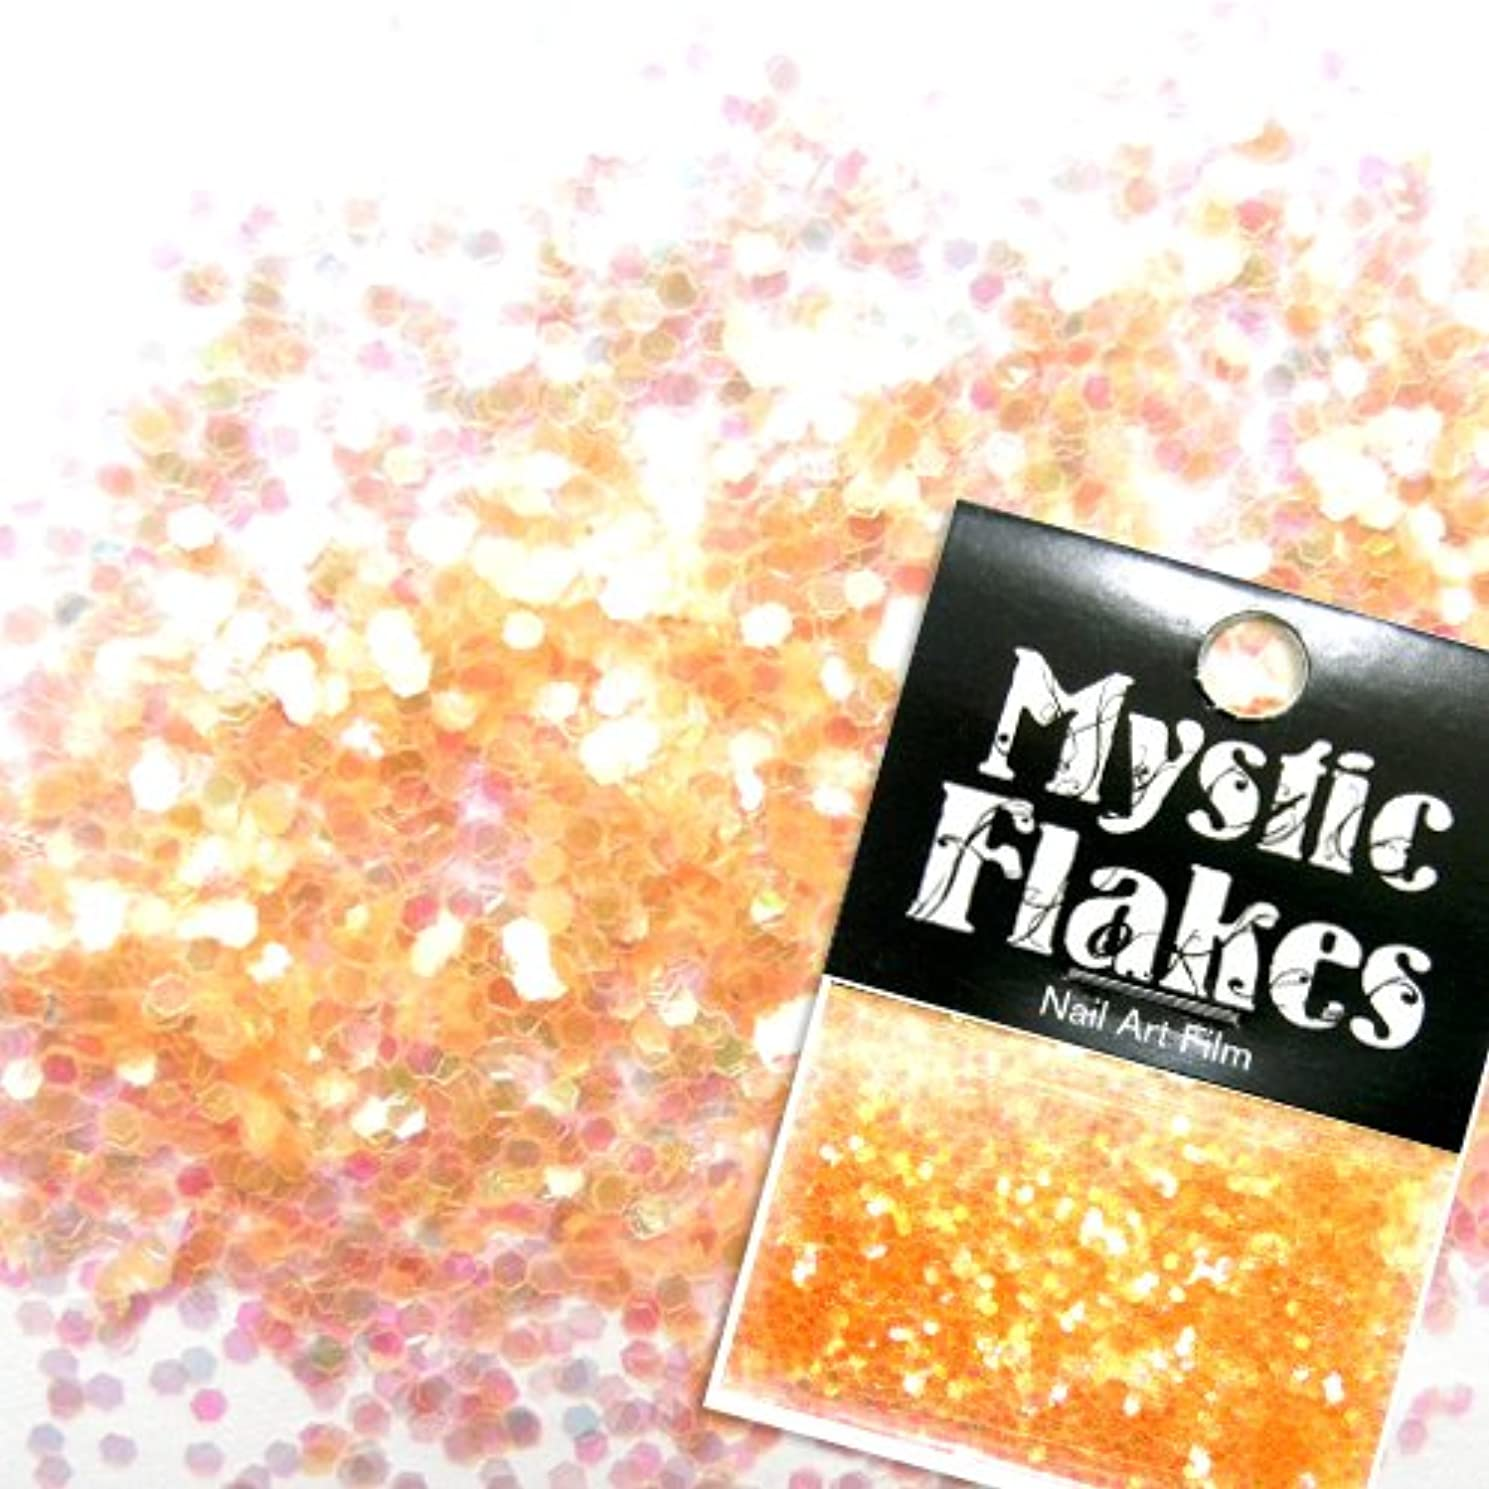 神話ビタミン人類ミスティックフレース ネイル用ストーン パールオレンジ ヘキサゴン 1mm 0.5g